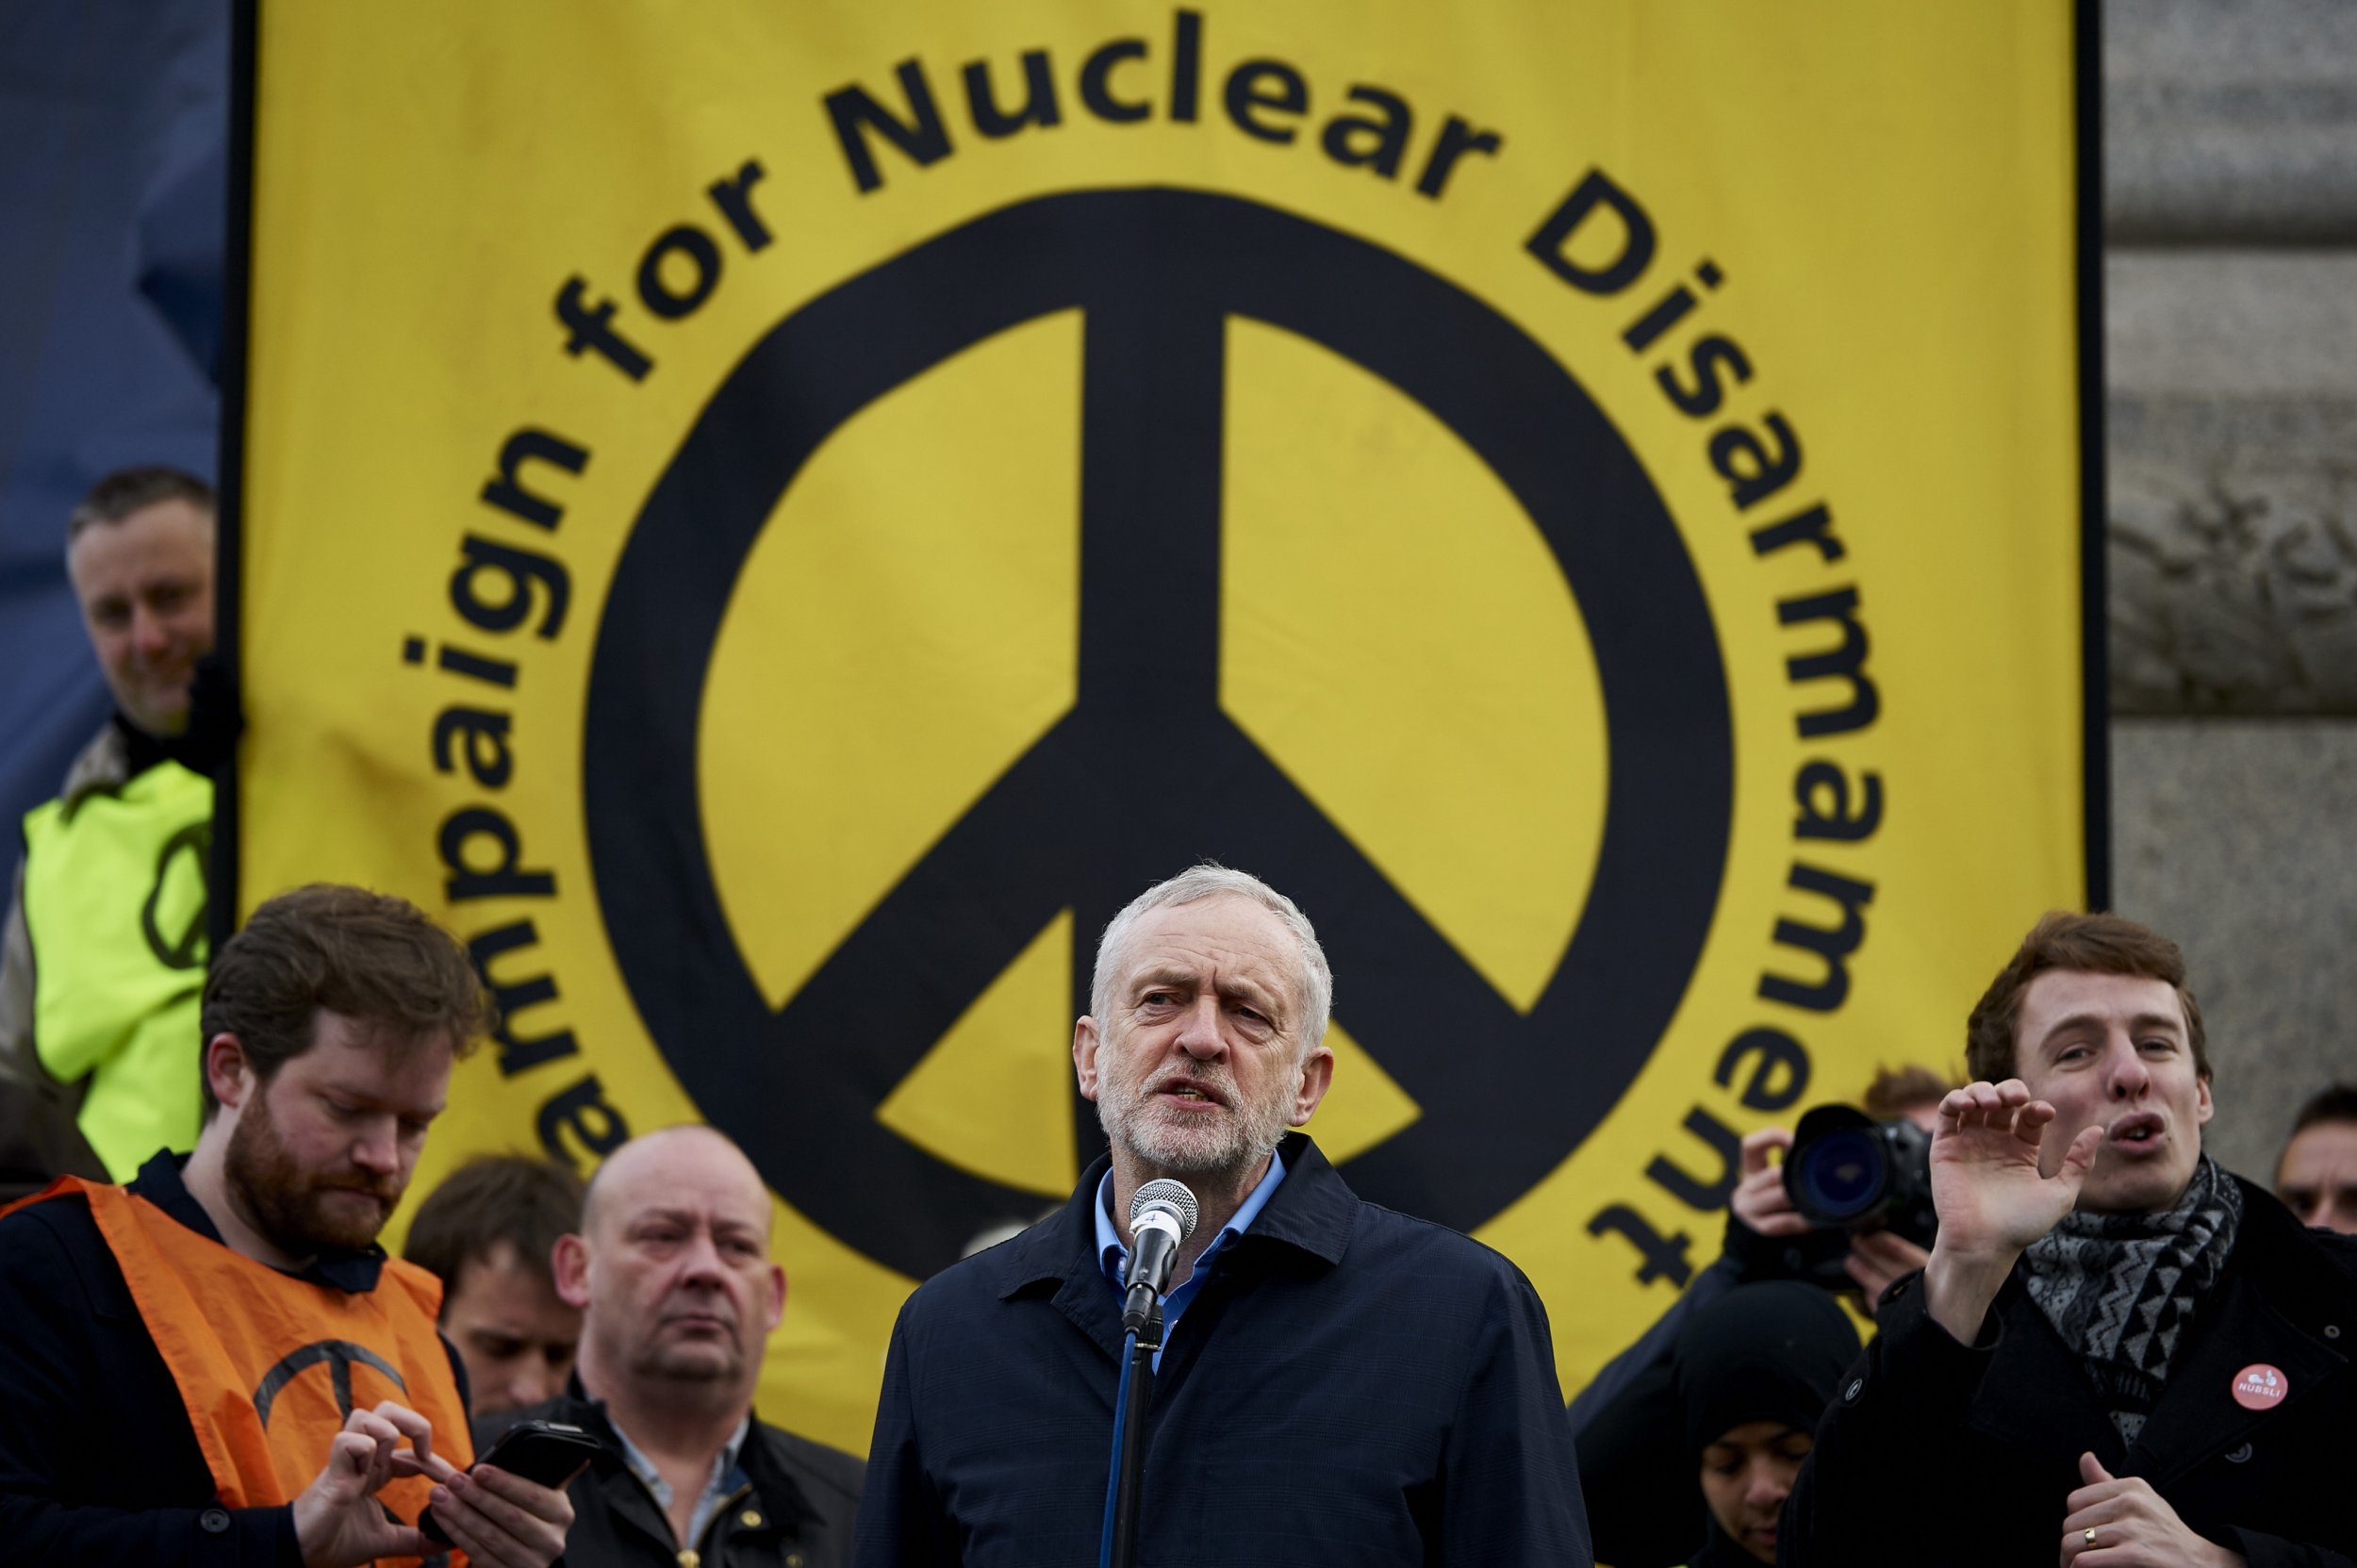 Jeremy Corbyn nuclear disarmament